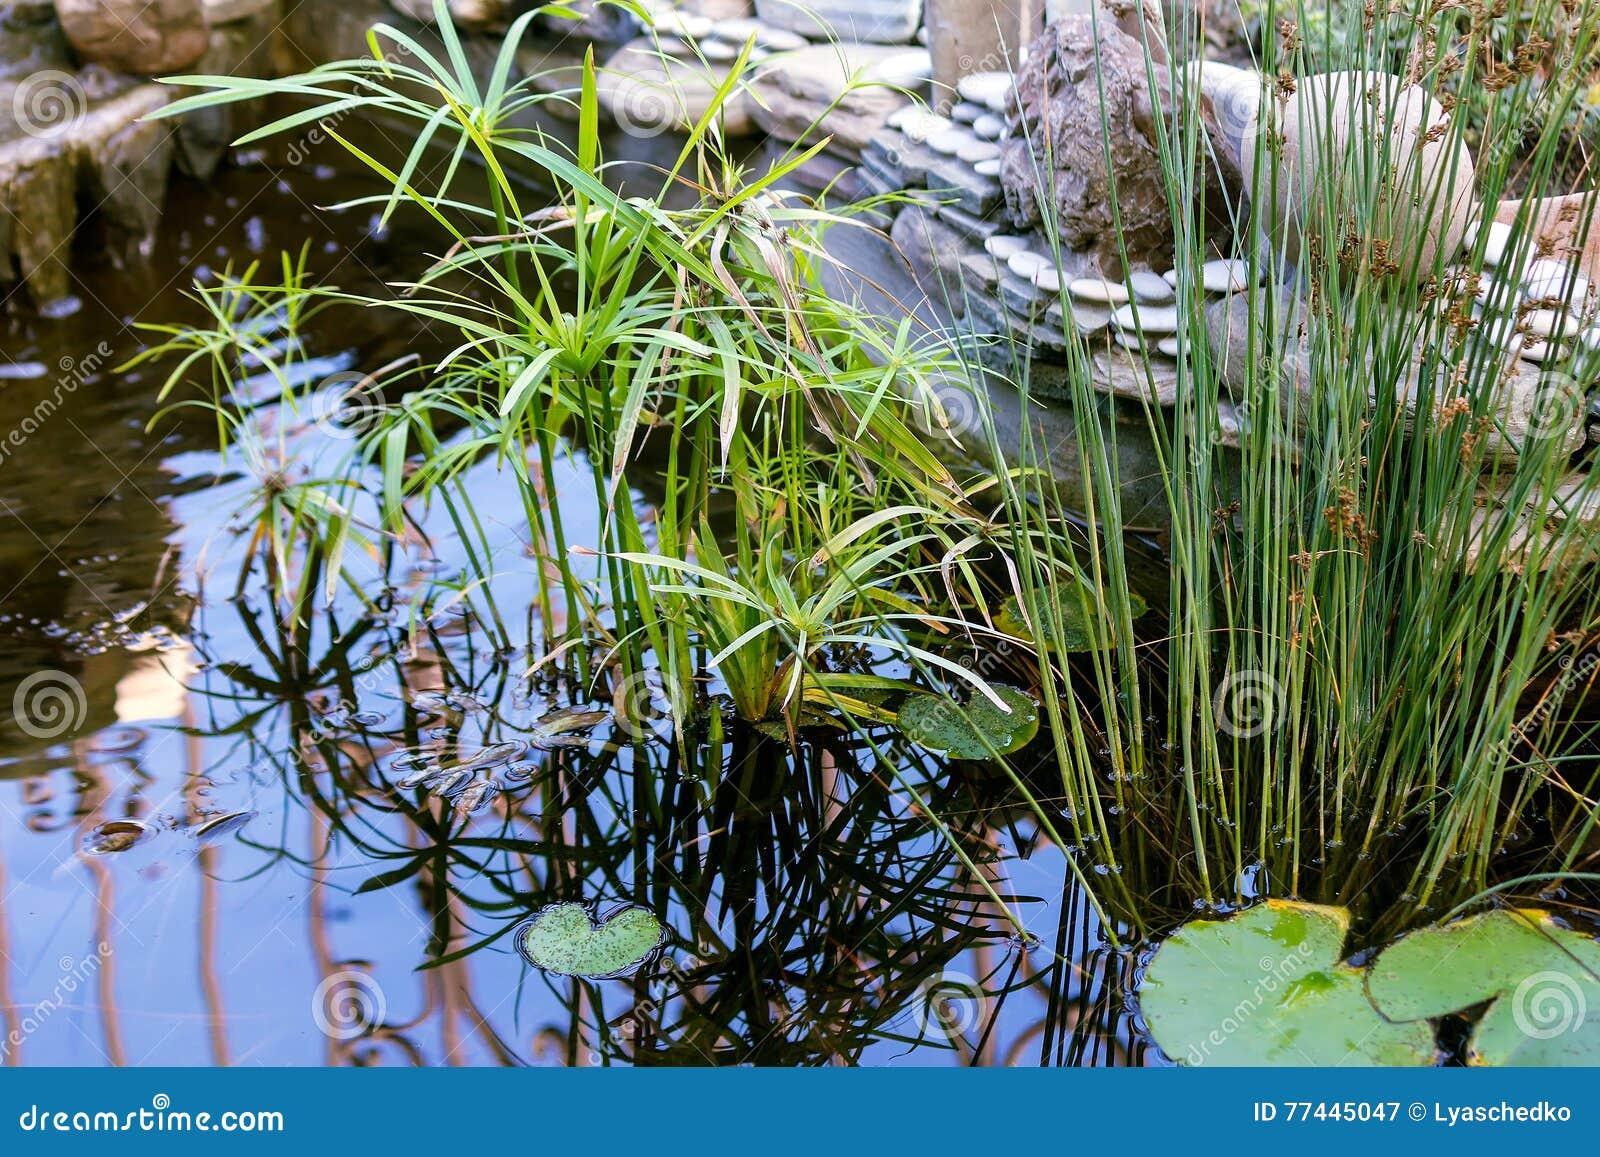 Stenen Muur Tuin : Kleine decoratieve vijver in de tuin stock afbeelding afbeelding